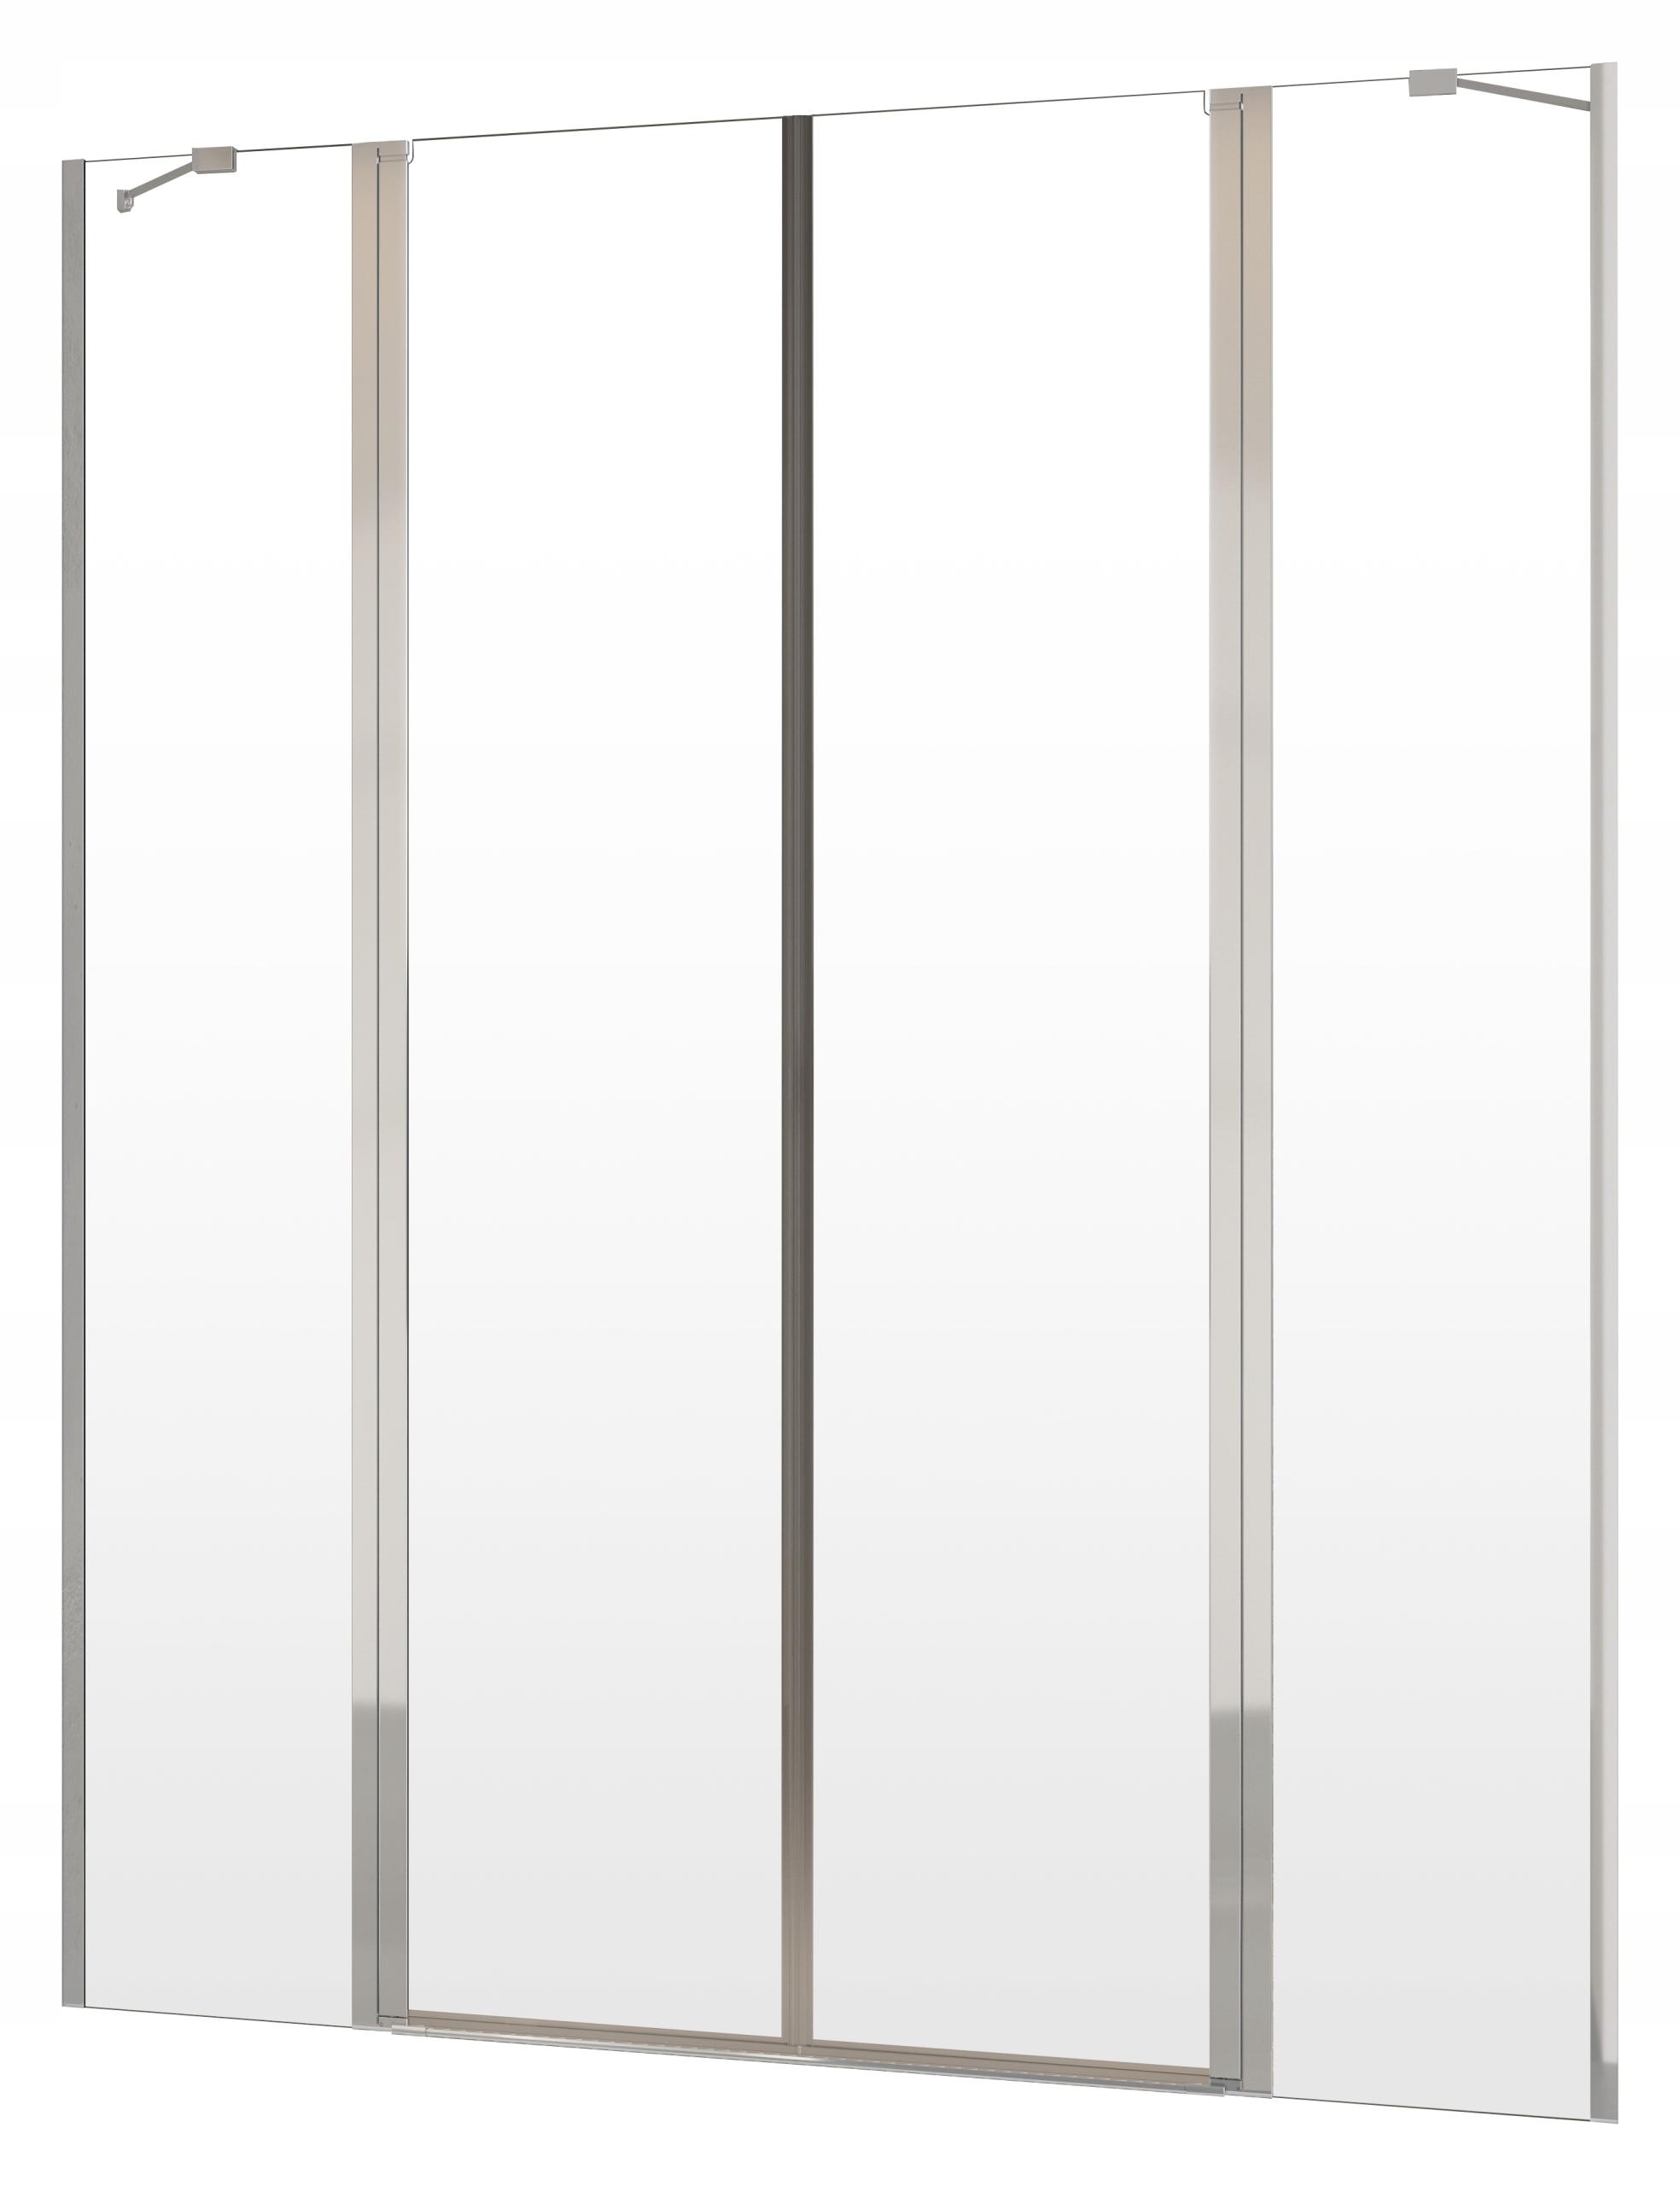 Sprchové dvere Nes DWD II 190x200 RADAWAY W2